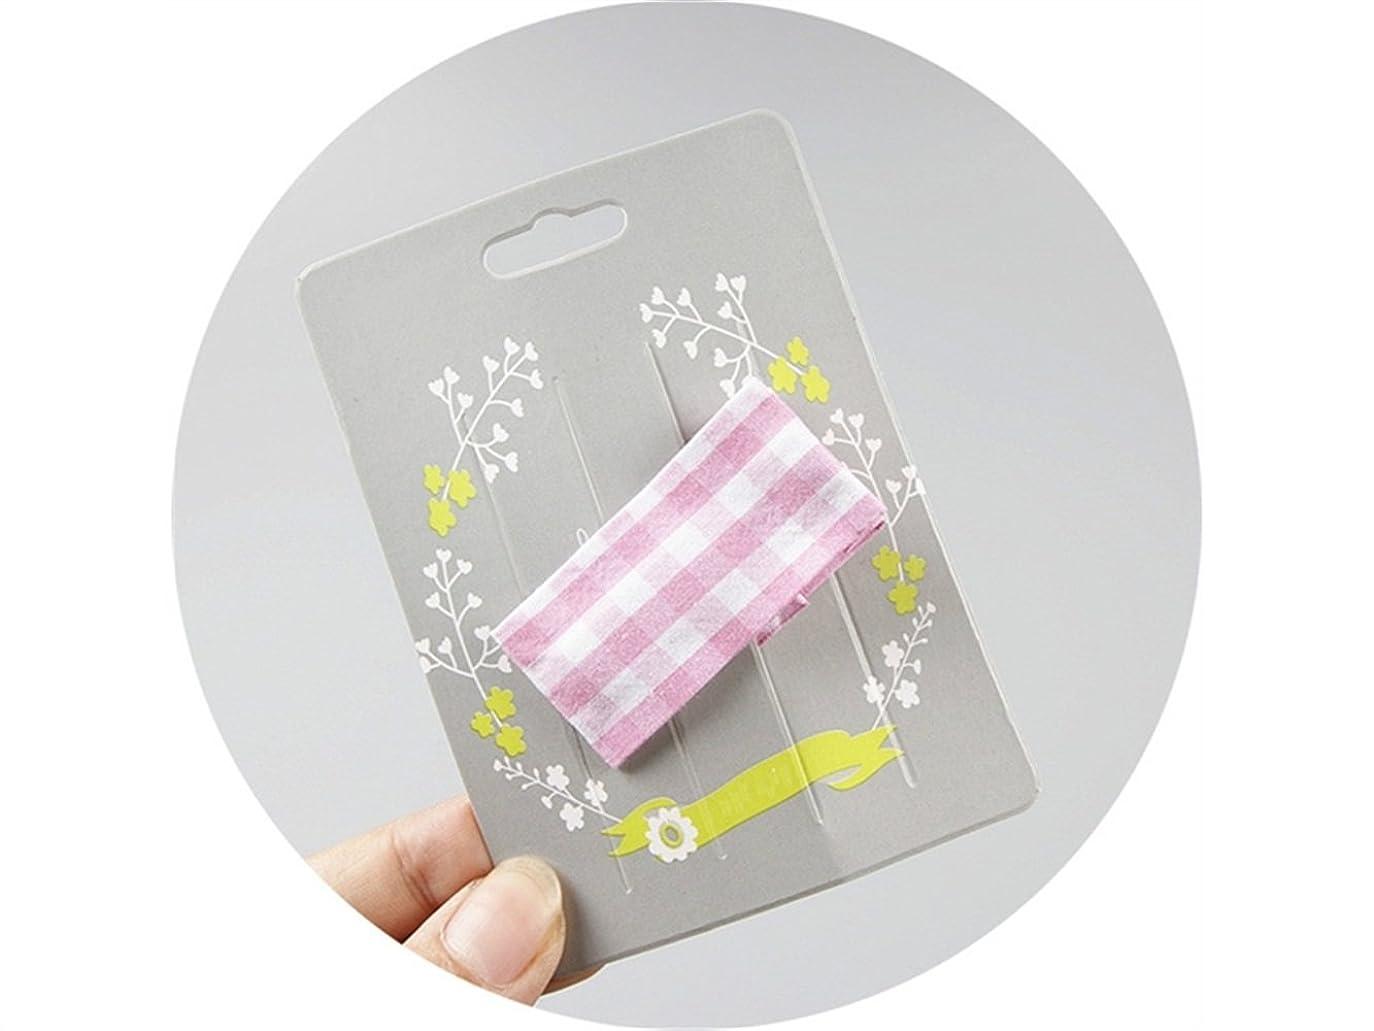 不正直リズム支援Osize 美しいスタイル 子供用ヘアアクセサリーチェック柄ファブリック長方形ヘアクリップダックビルクリップ(ピンク)